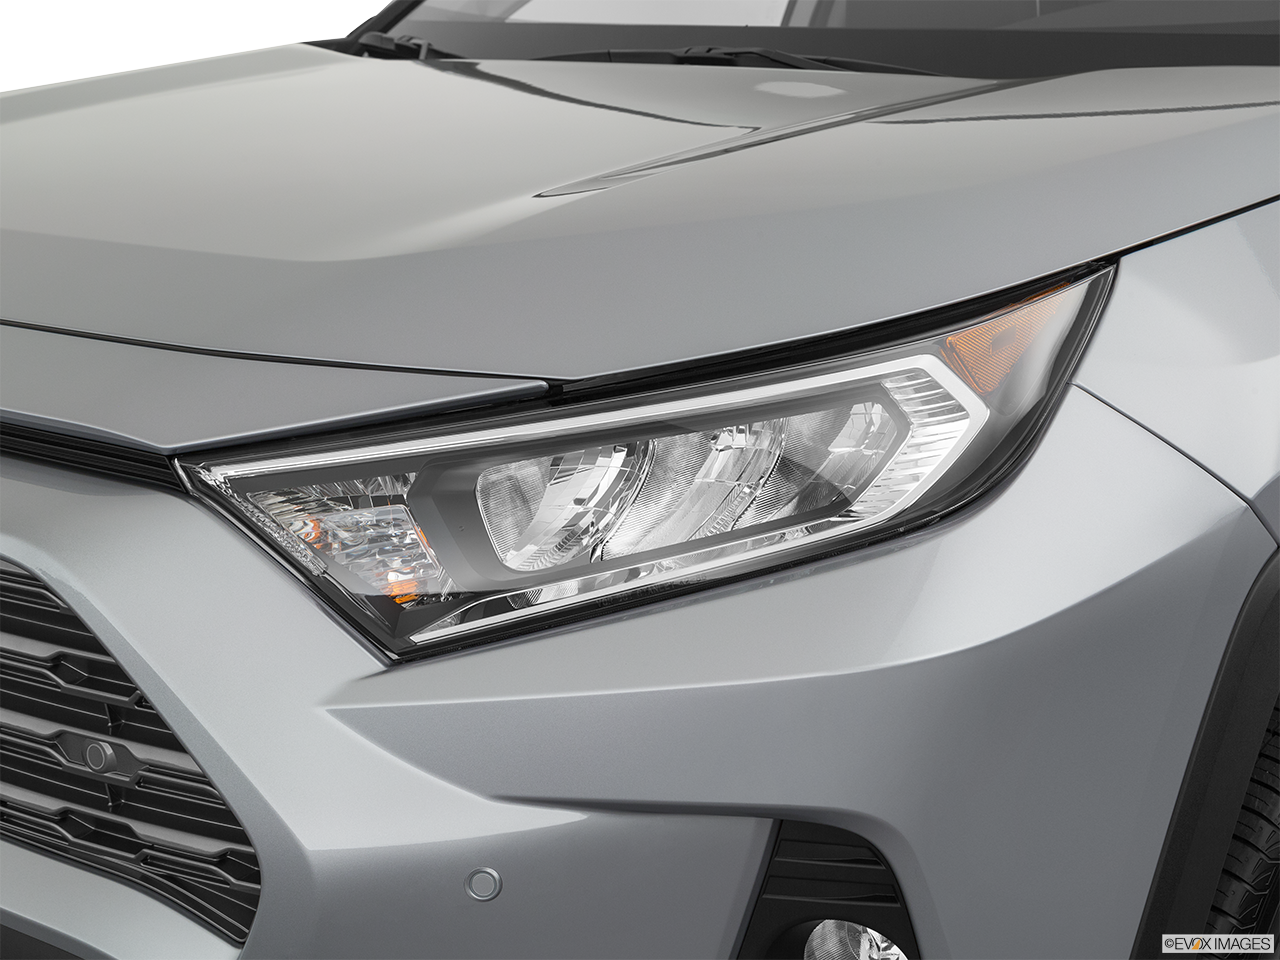 2020 Toyota RAV4 photo